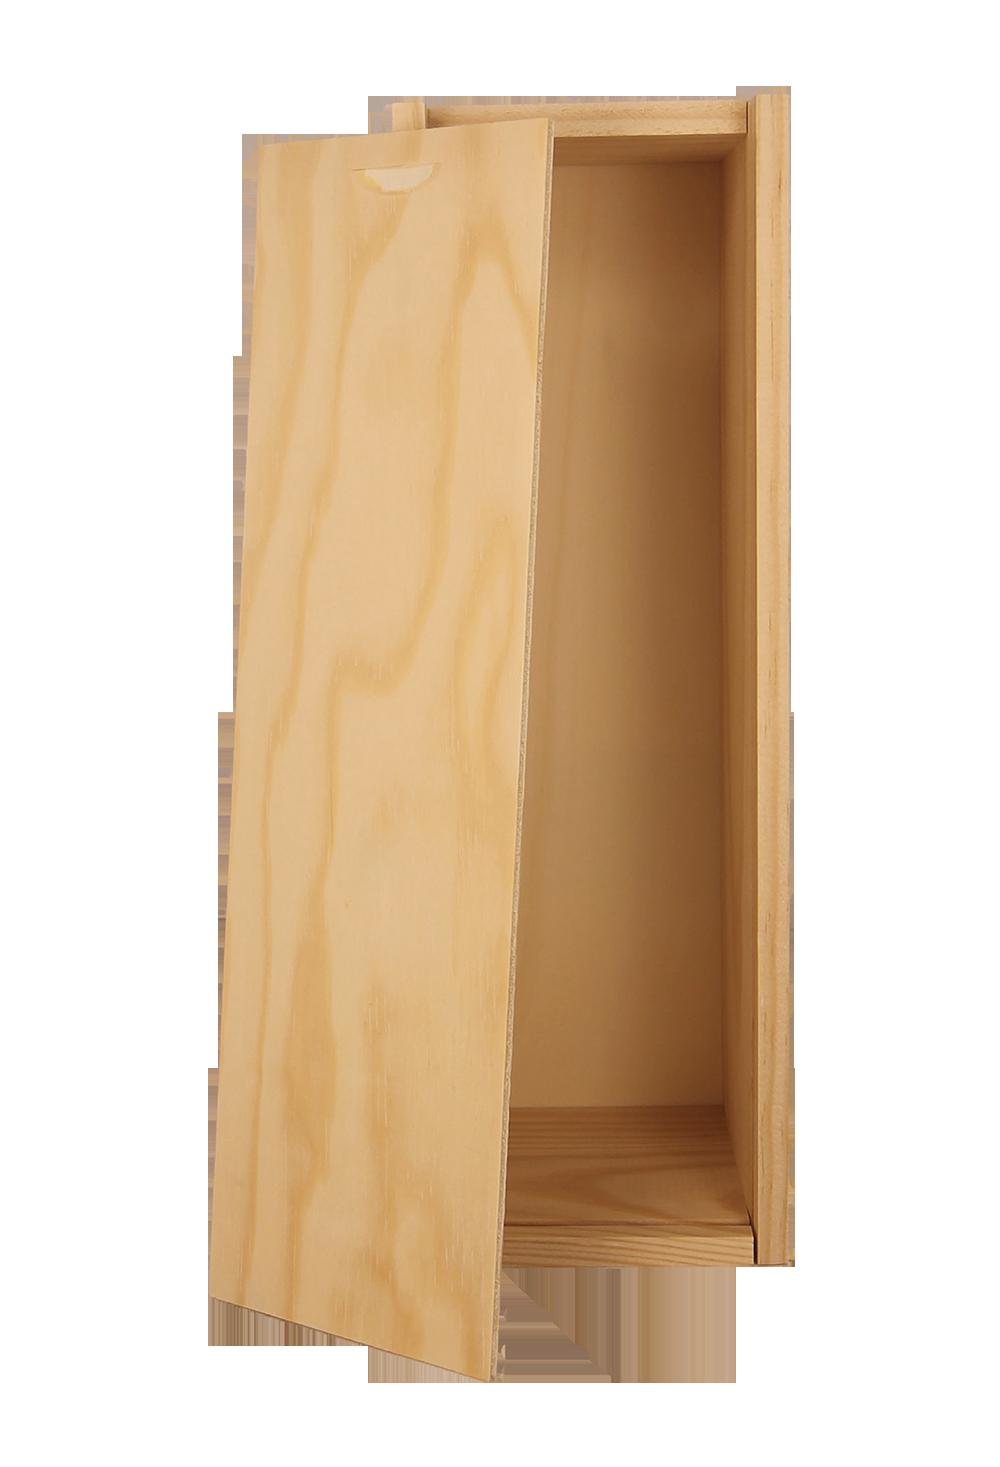 caisse bois vide - 1 bouteille - les caves